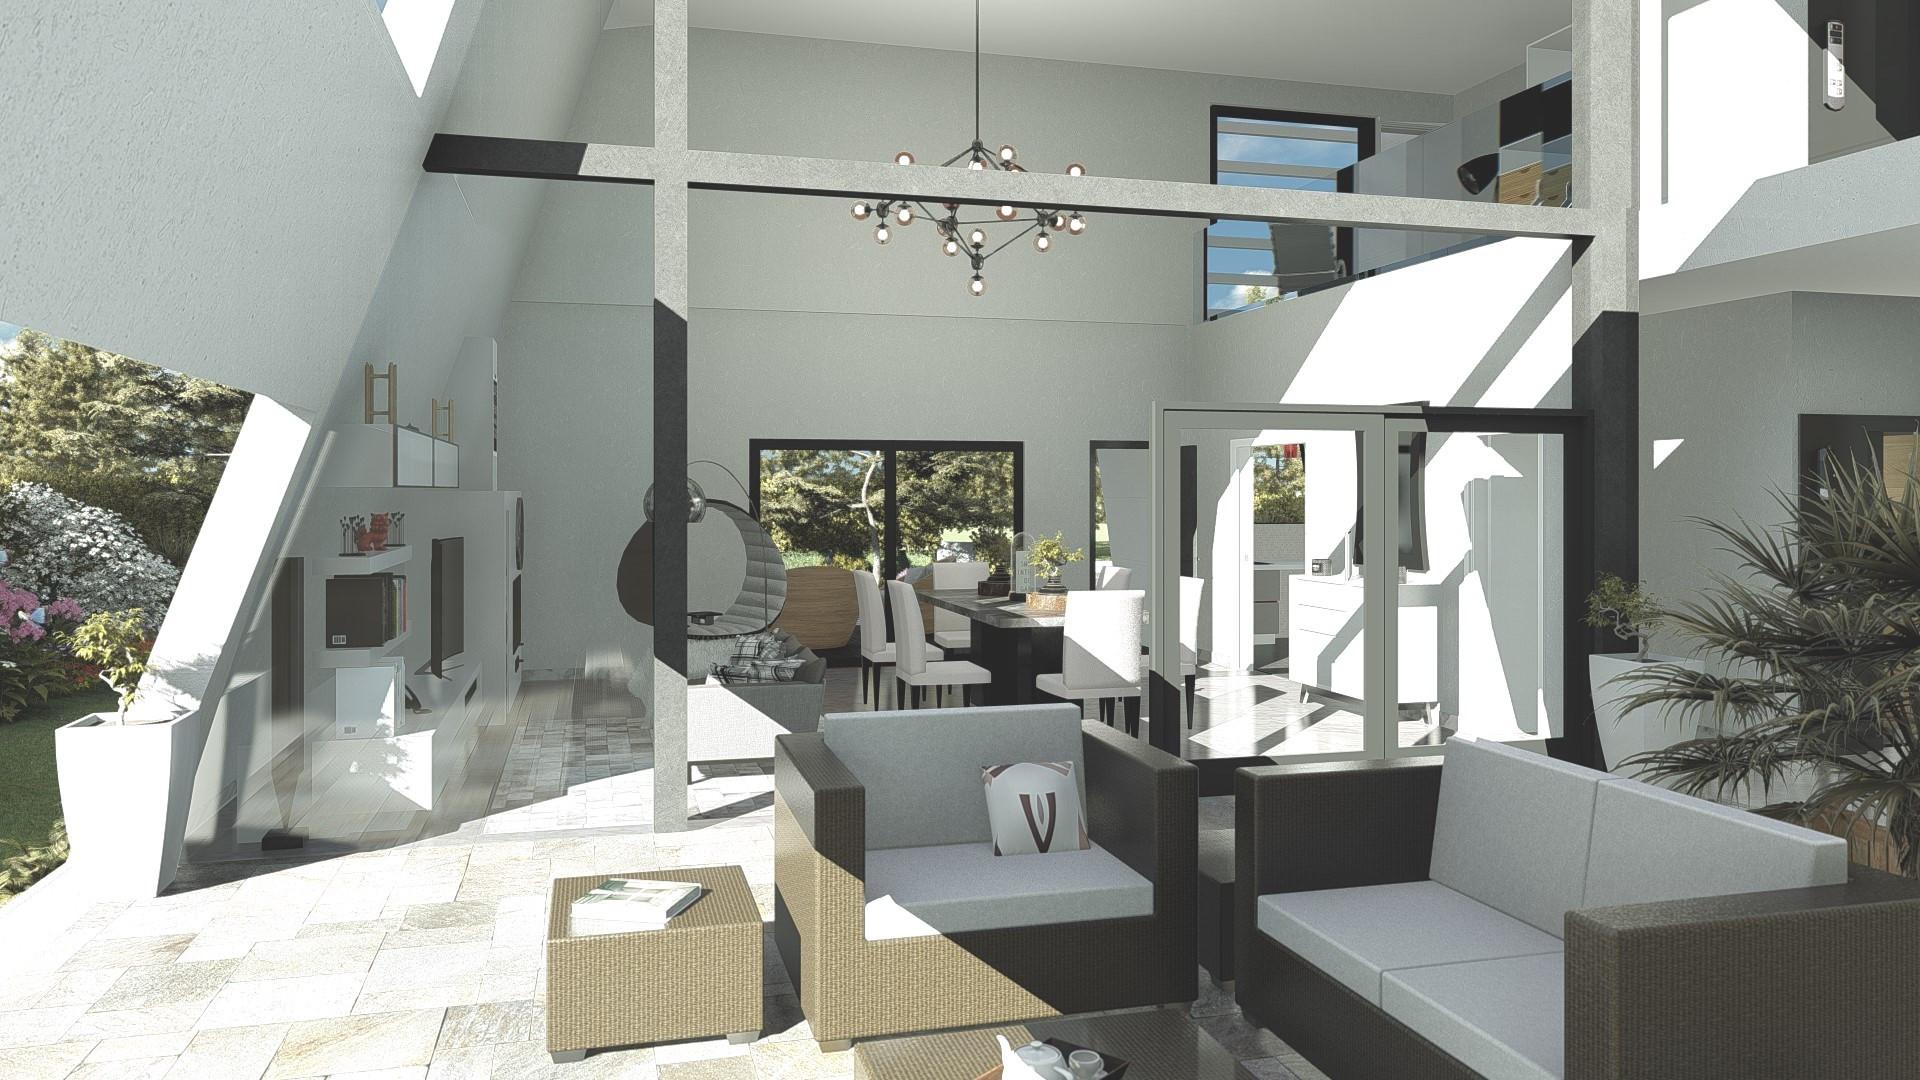 Villa en venta en Benalmadena Costa, Benalmadena